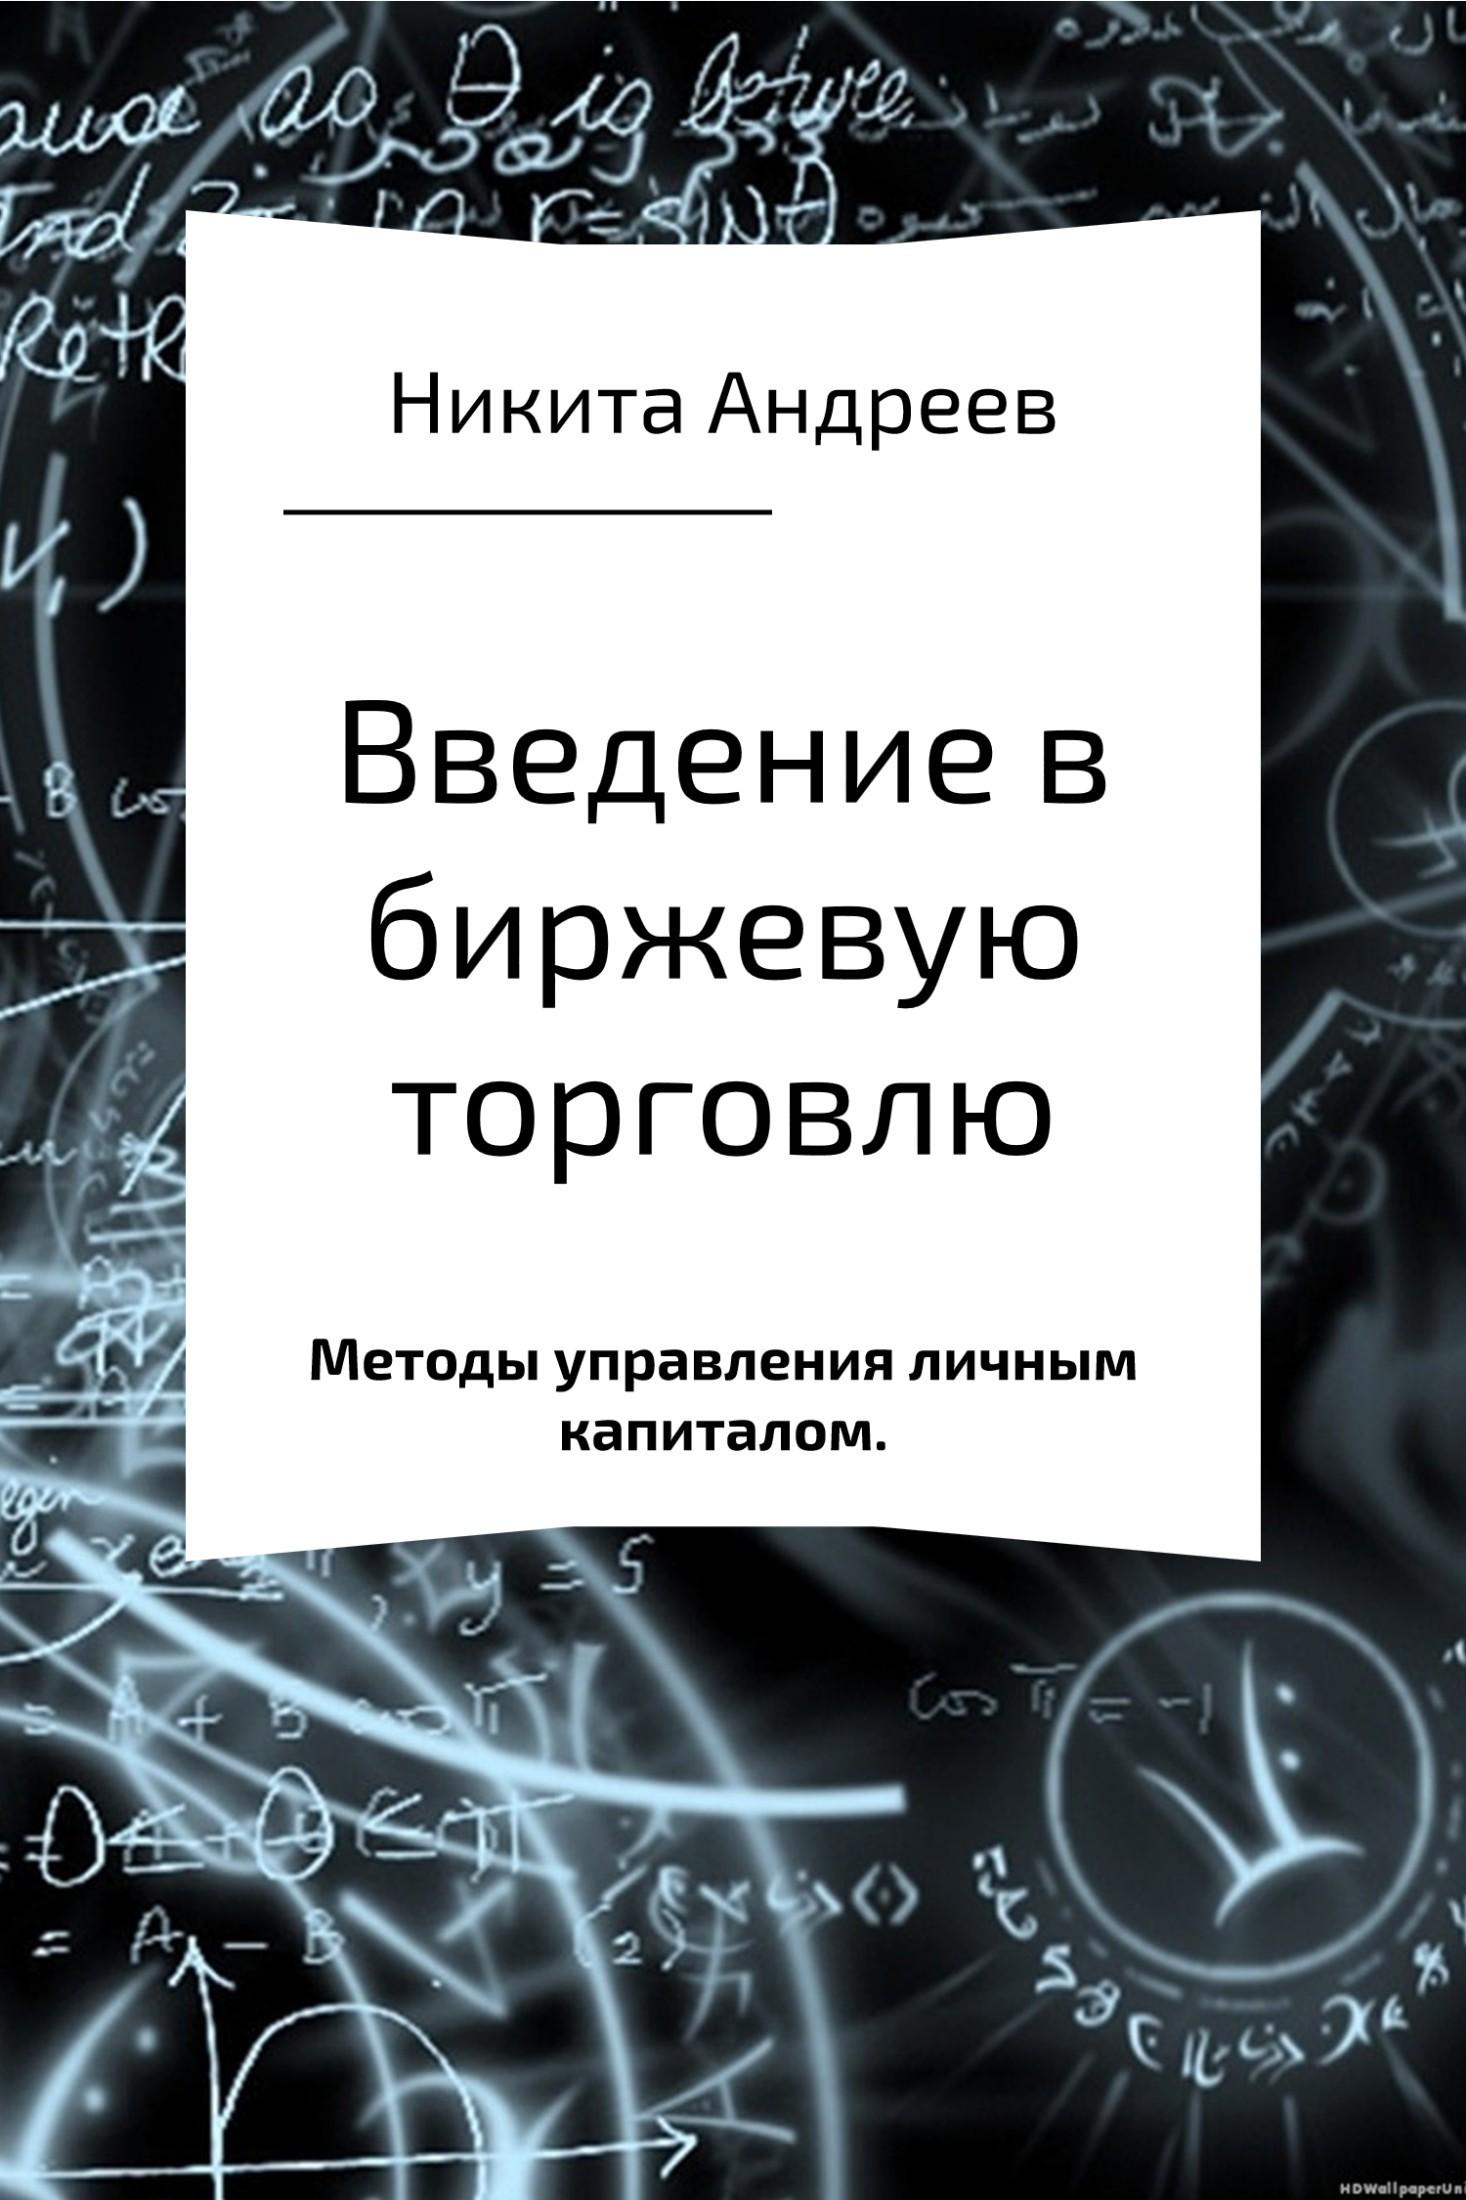 фото обложки издания Введение в биржевую торговлю и методы управления личным капиталом